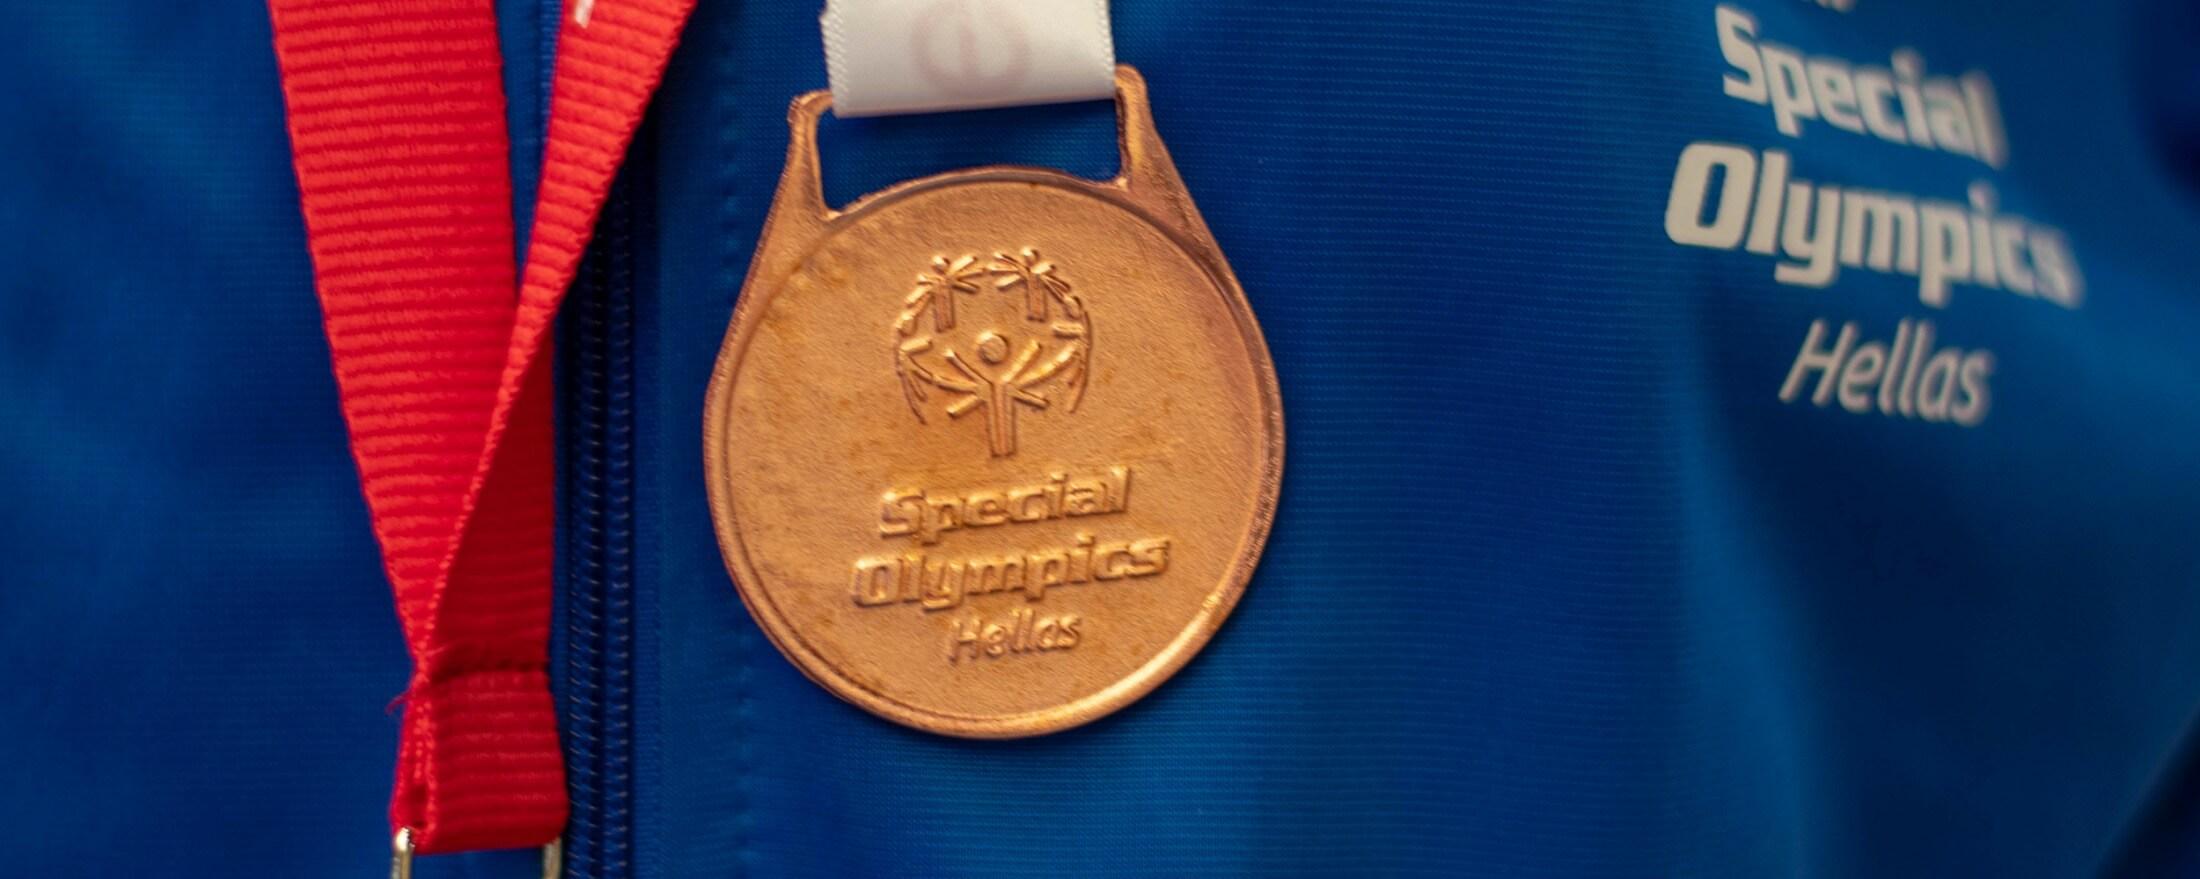 Special Olympics Hellas